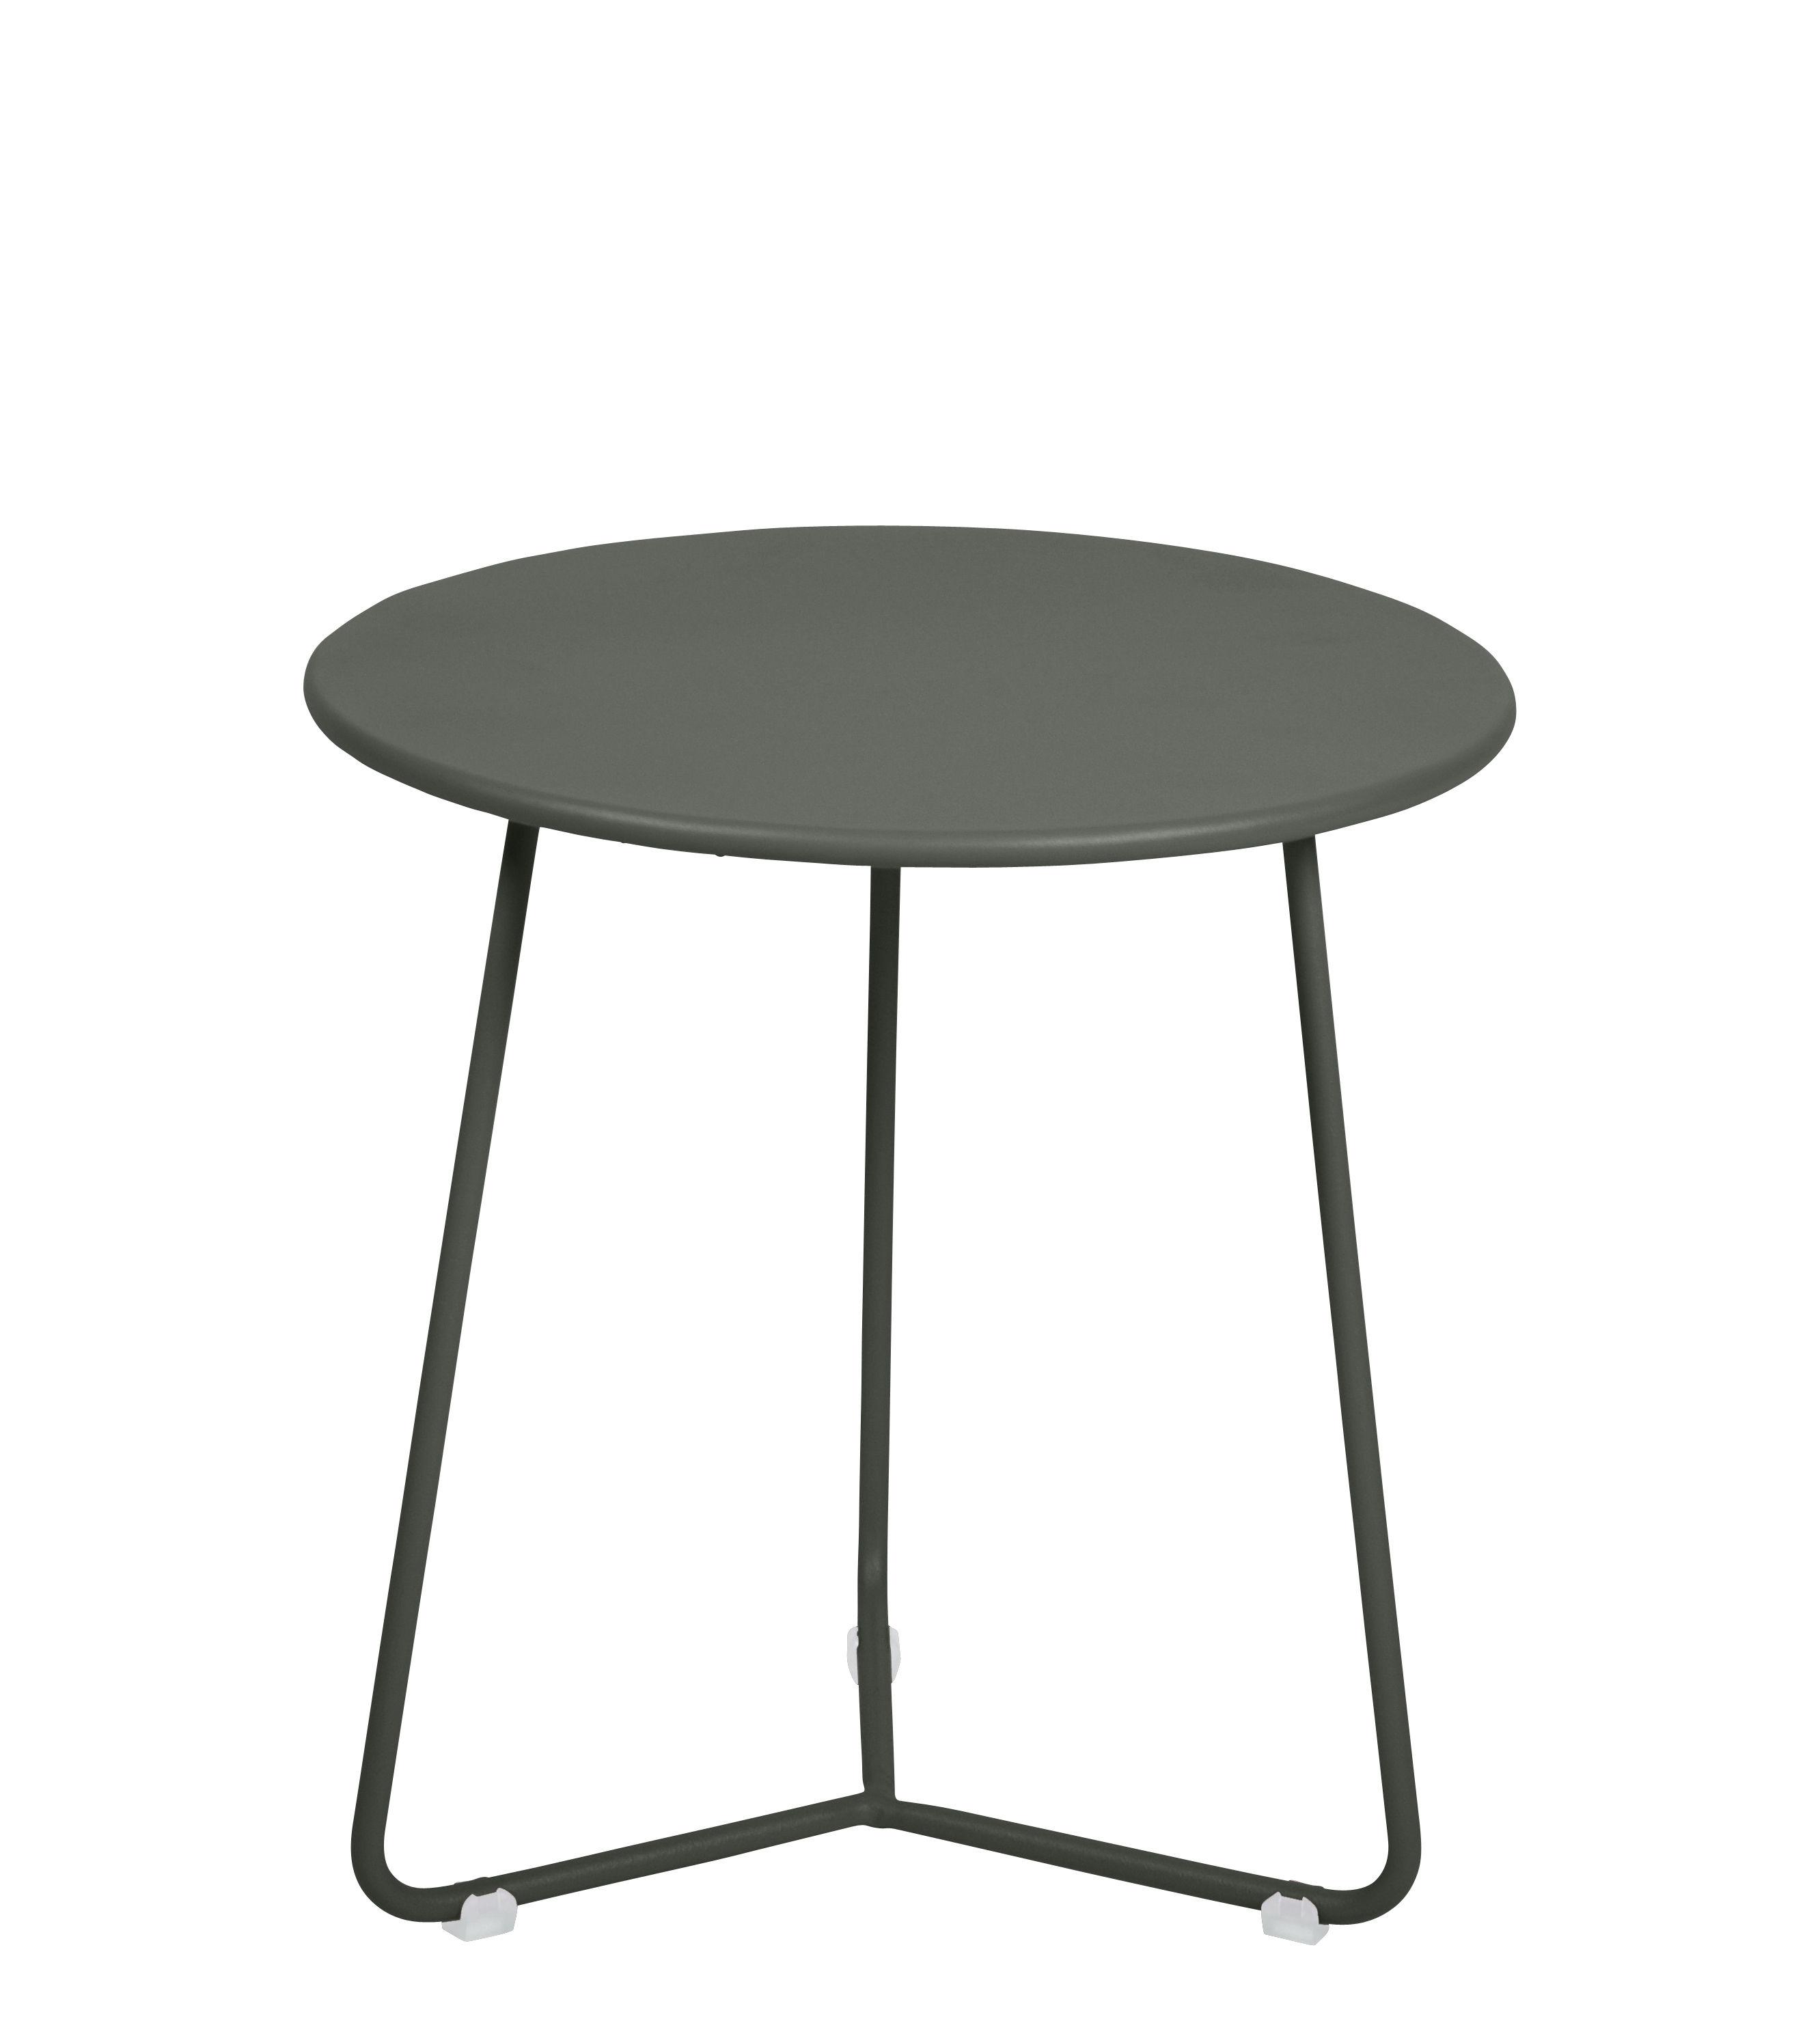 Möbel - Couchtische - Cocotte Beistelltisch / Hocker - Ø 34 cm x H 36 cm - Fermob - Rosmarin - bemalter Stahl